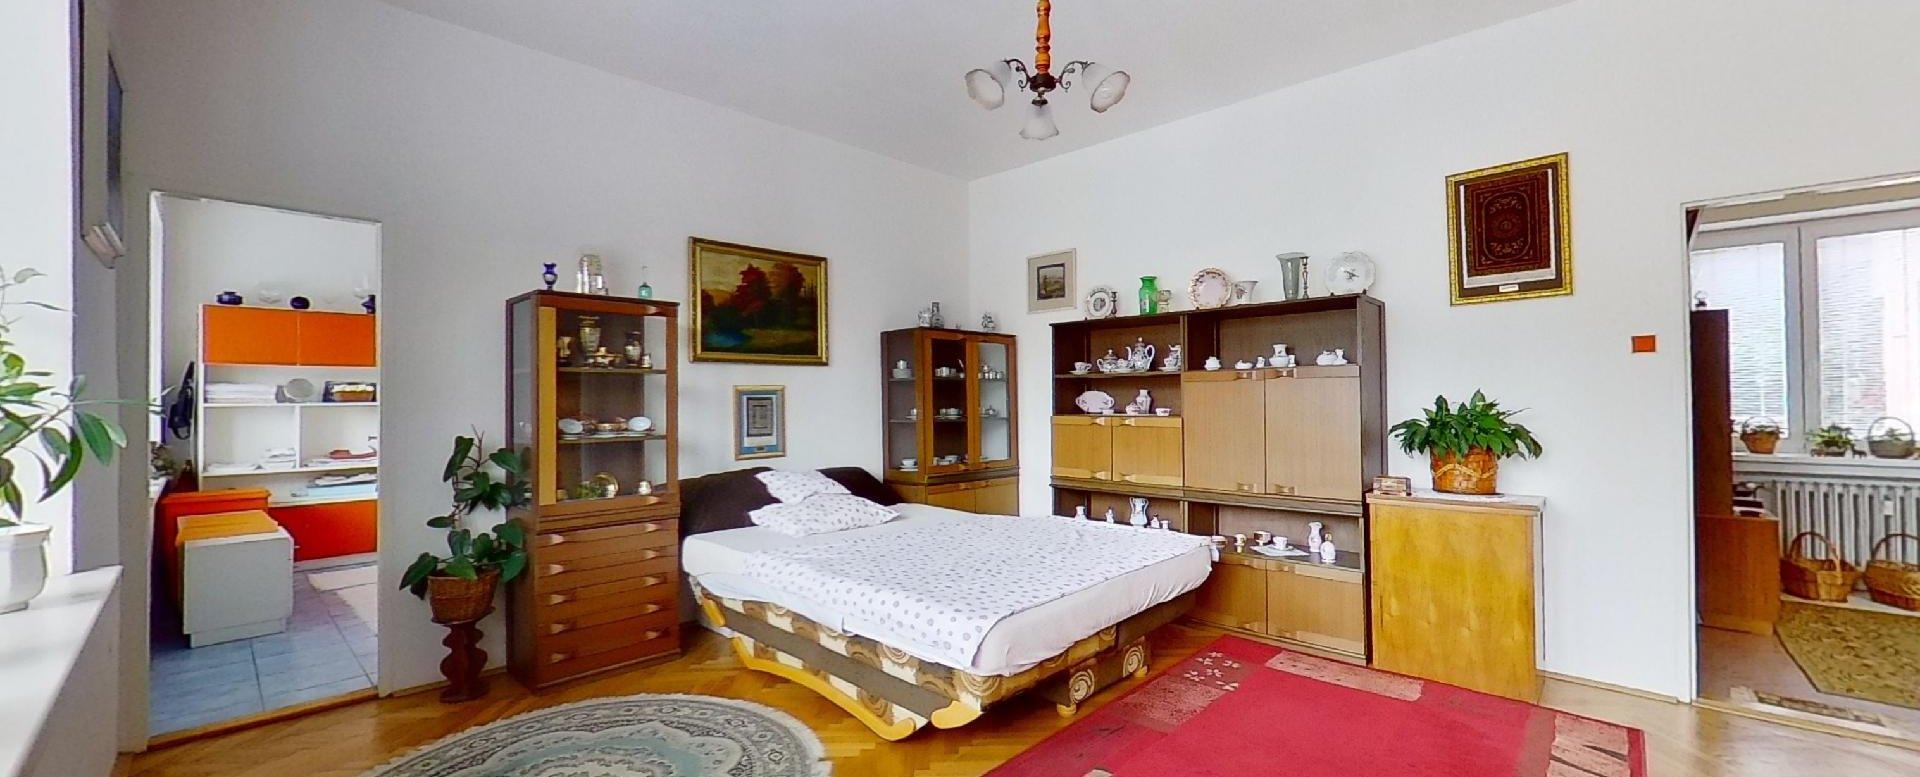 Nábytok v spálni